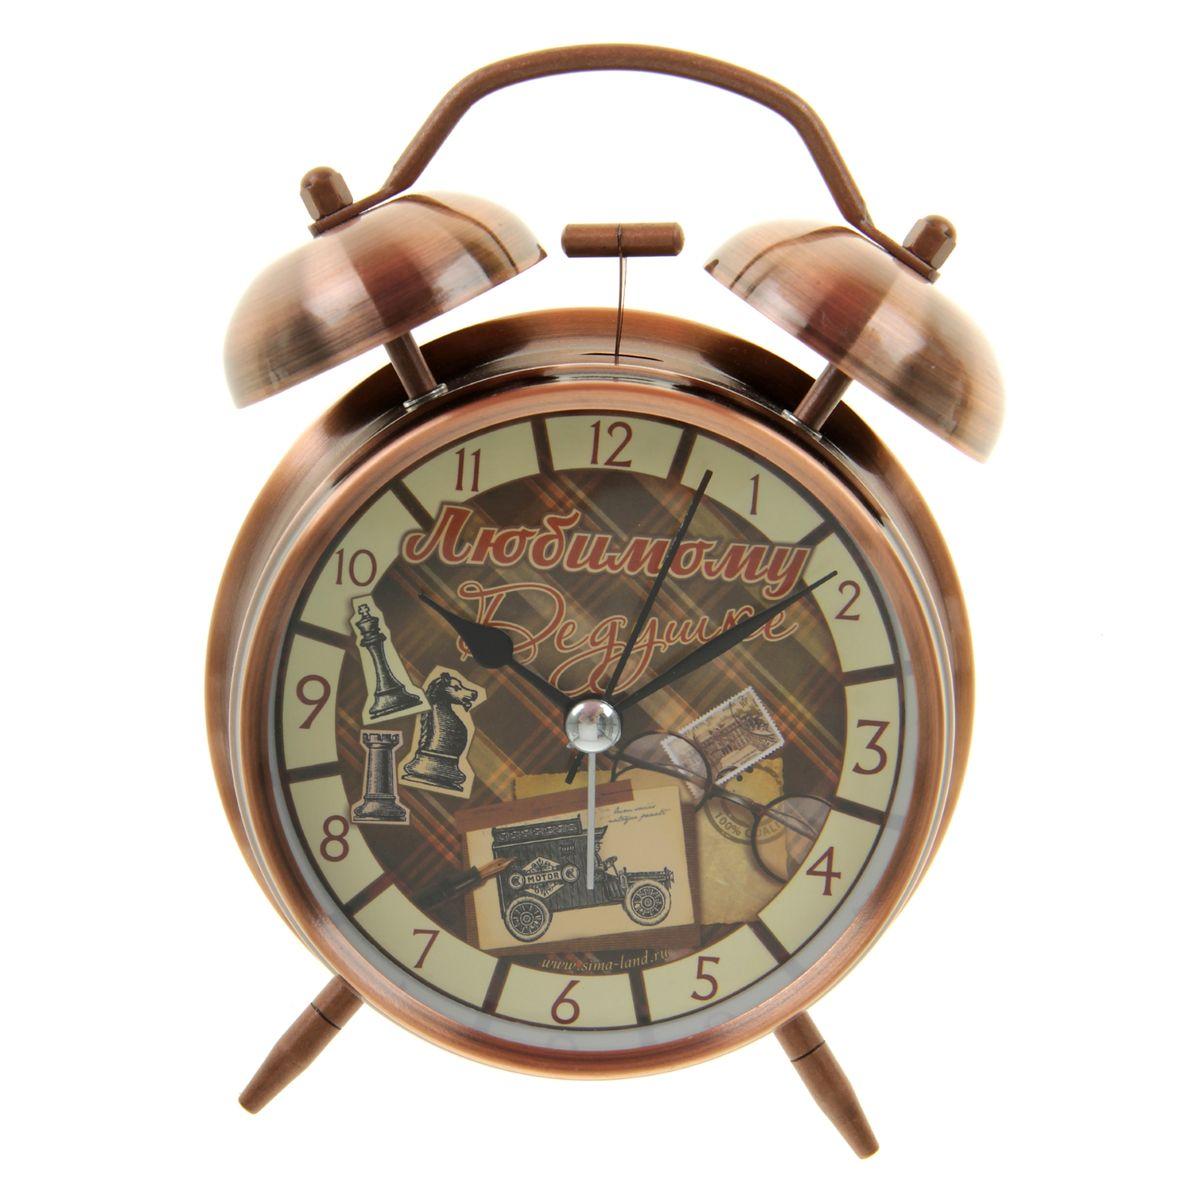 Часы-будильник Sima-land Любимому дедушке92266Как же сложно иногда вставать вовремя! Всегда так хочется поспать еще хотя бы 5 минут и бывает, что мы просыпаем. Теперь этого не случится! Яркий, оригинальный будильник Sima-land Любимому дедушке в винтажном стиле поможет вам всегда вставать в нужное время и успевать везде и всюду.Корпус будильника выполнен из металла. Циферблат оформлен изображением открыток и шахмат и надписью: Любимому дедушке, имеет индикацию арабскими цифрами. Часы снабжены 4 стрелками (секундная, минутная, часовая и для будильника). На задней панели будильника расположен переключатель включения/выключения механизма, а также два колесика для настройки текущего времени и времени звонка будильника. Также будильник оснащен кнопкой, при нажатии и удержании которой подсвечивается циферблат.Пользоваться будильником очень легко: нужно всего лишь поставить батарейку, настроить точное время и установить время звонка. Необходимо докупить 1 батарейку типа АА (не входит в комплект).